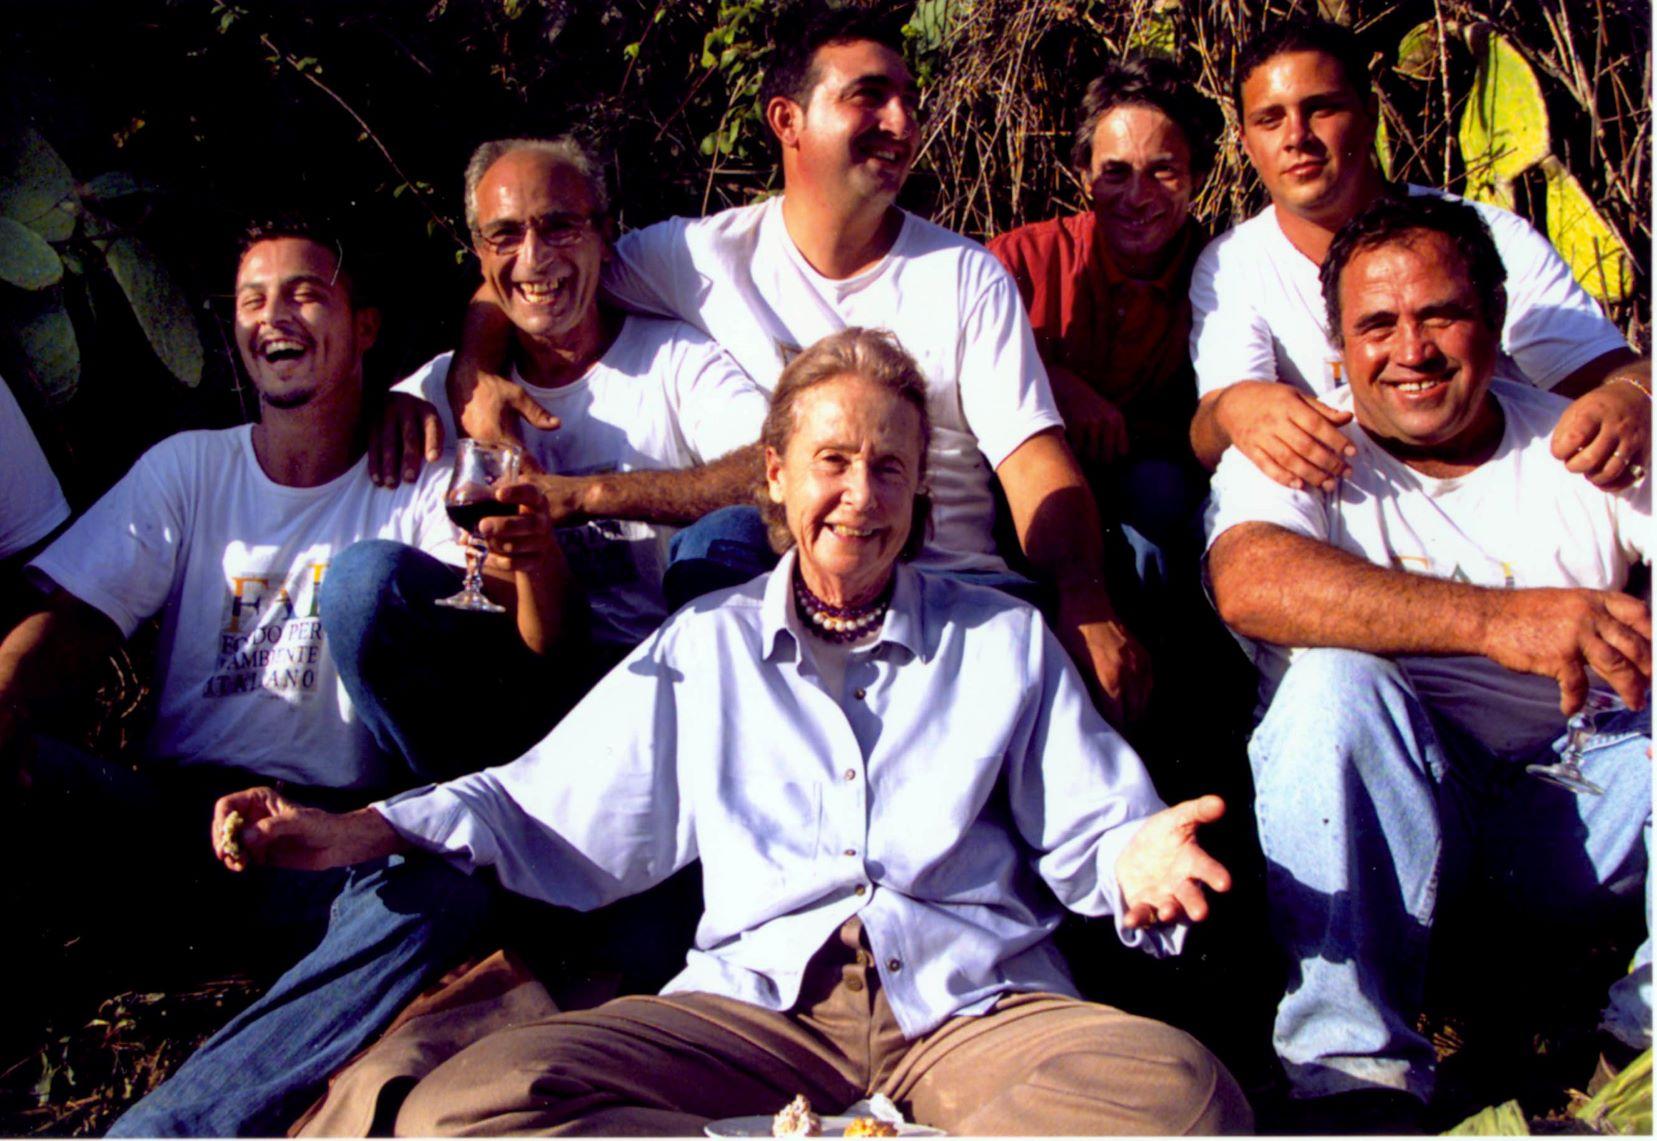 Giulia Maria Crespi Valle dei templi (AG) Foto Peppe Lopilato 2001 FAI - Fondo Ambiente Italiano